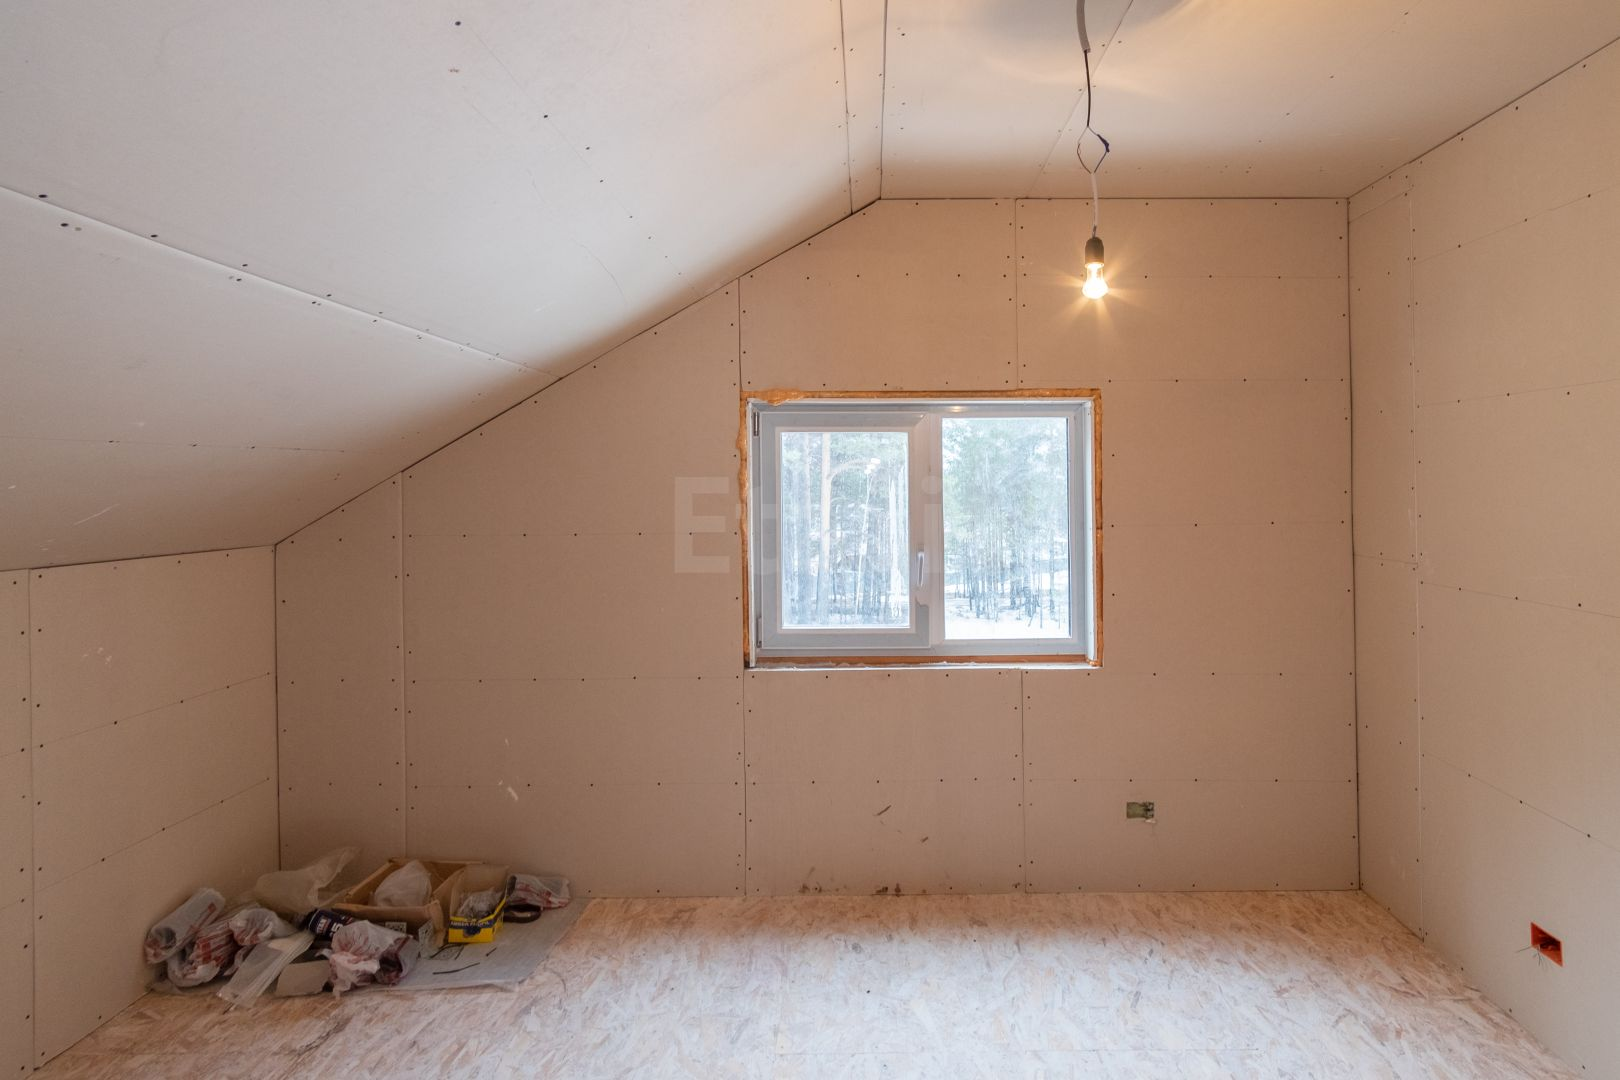 Продажа дома, 115м <sup>2</sup>, 14 сот., Златоуст, Калиновая